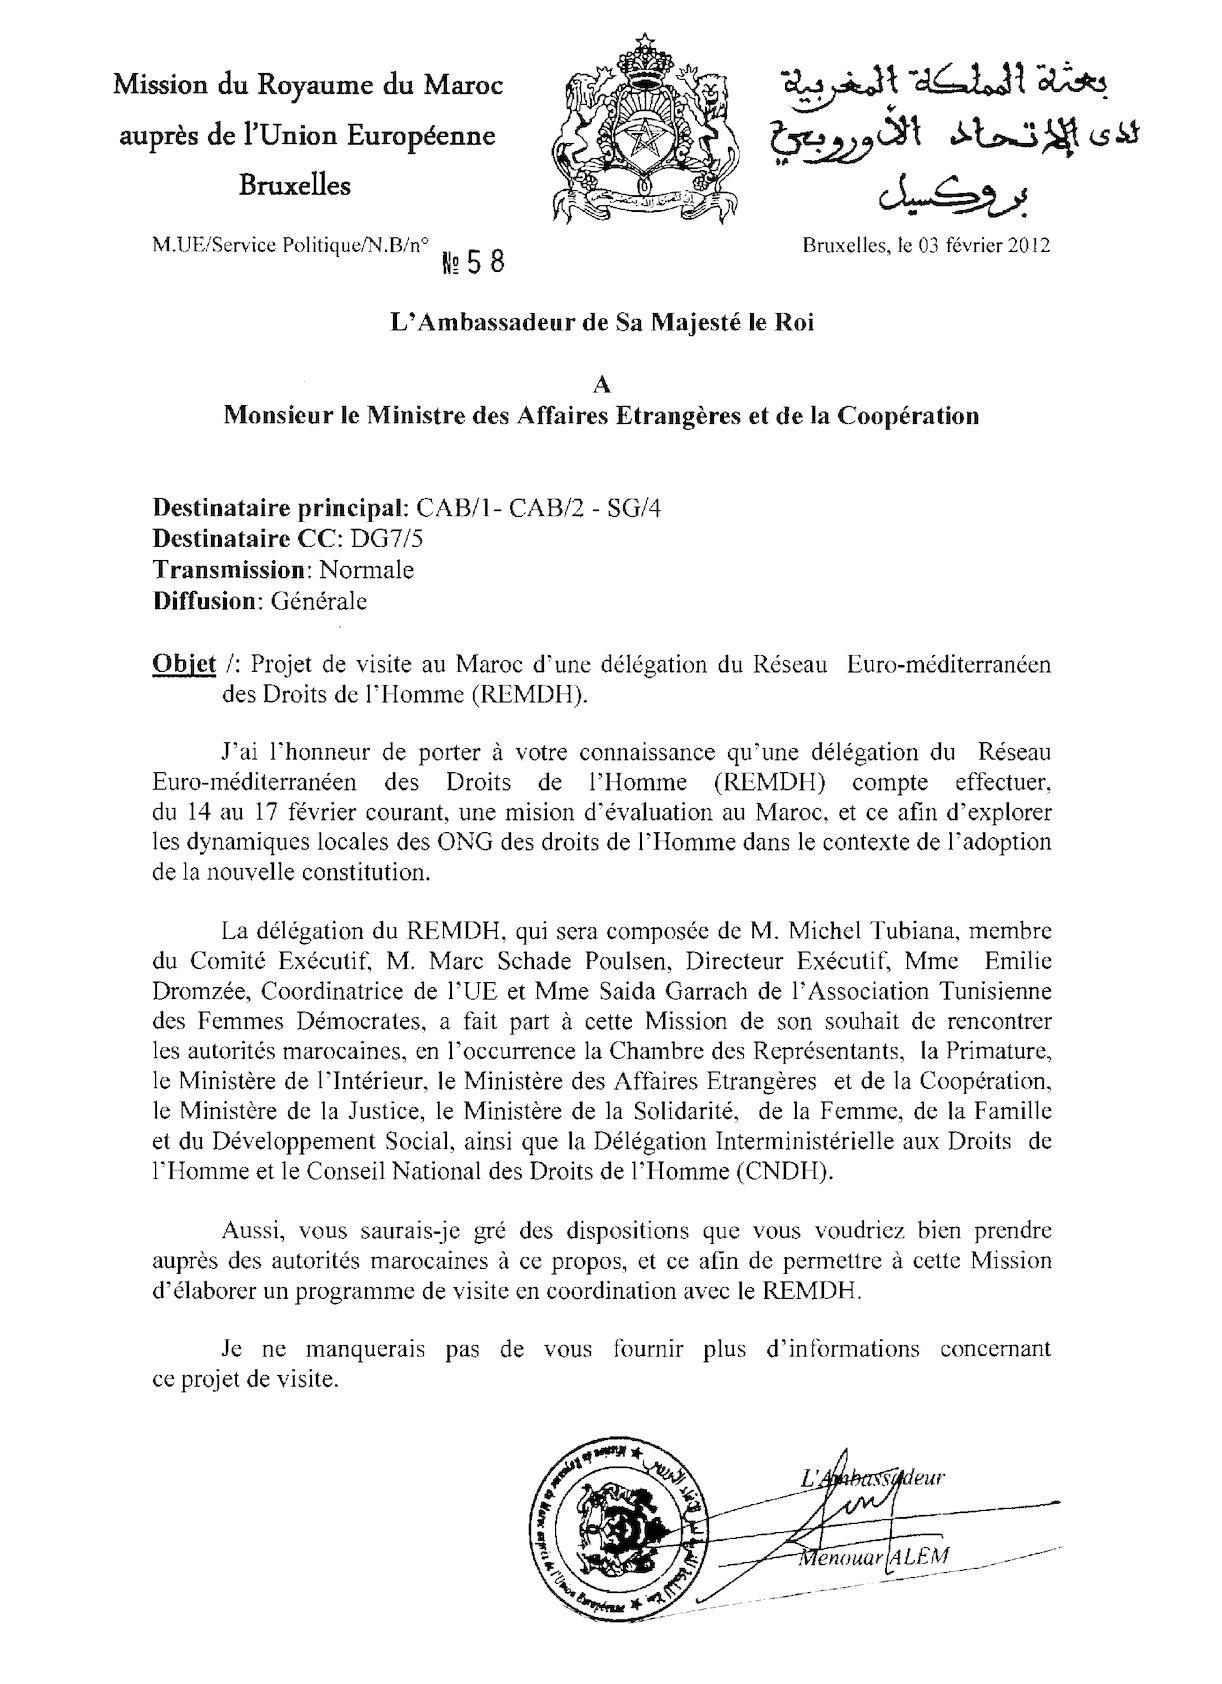 Projet De Visite Au Maroc D'une Délégation Du Réseau Euromed Des Droits De L'Homme REMDH